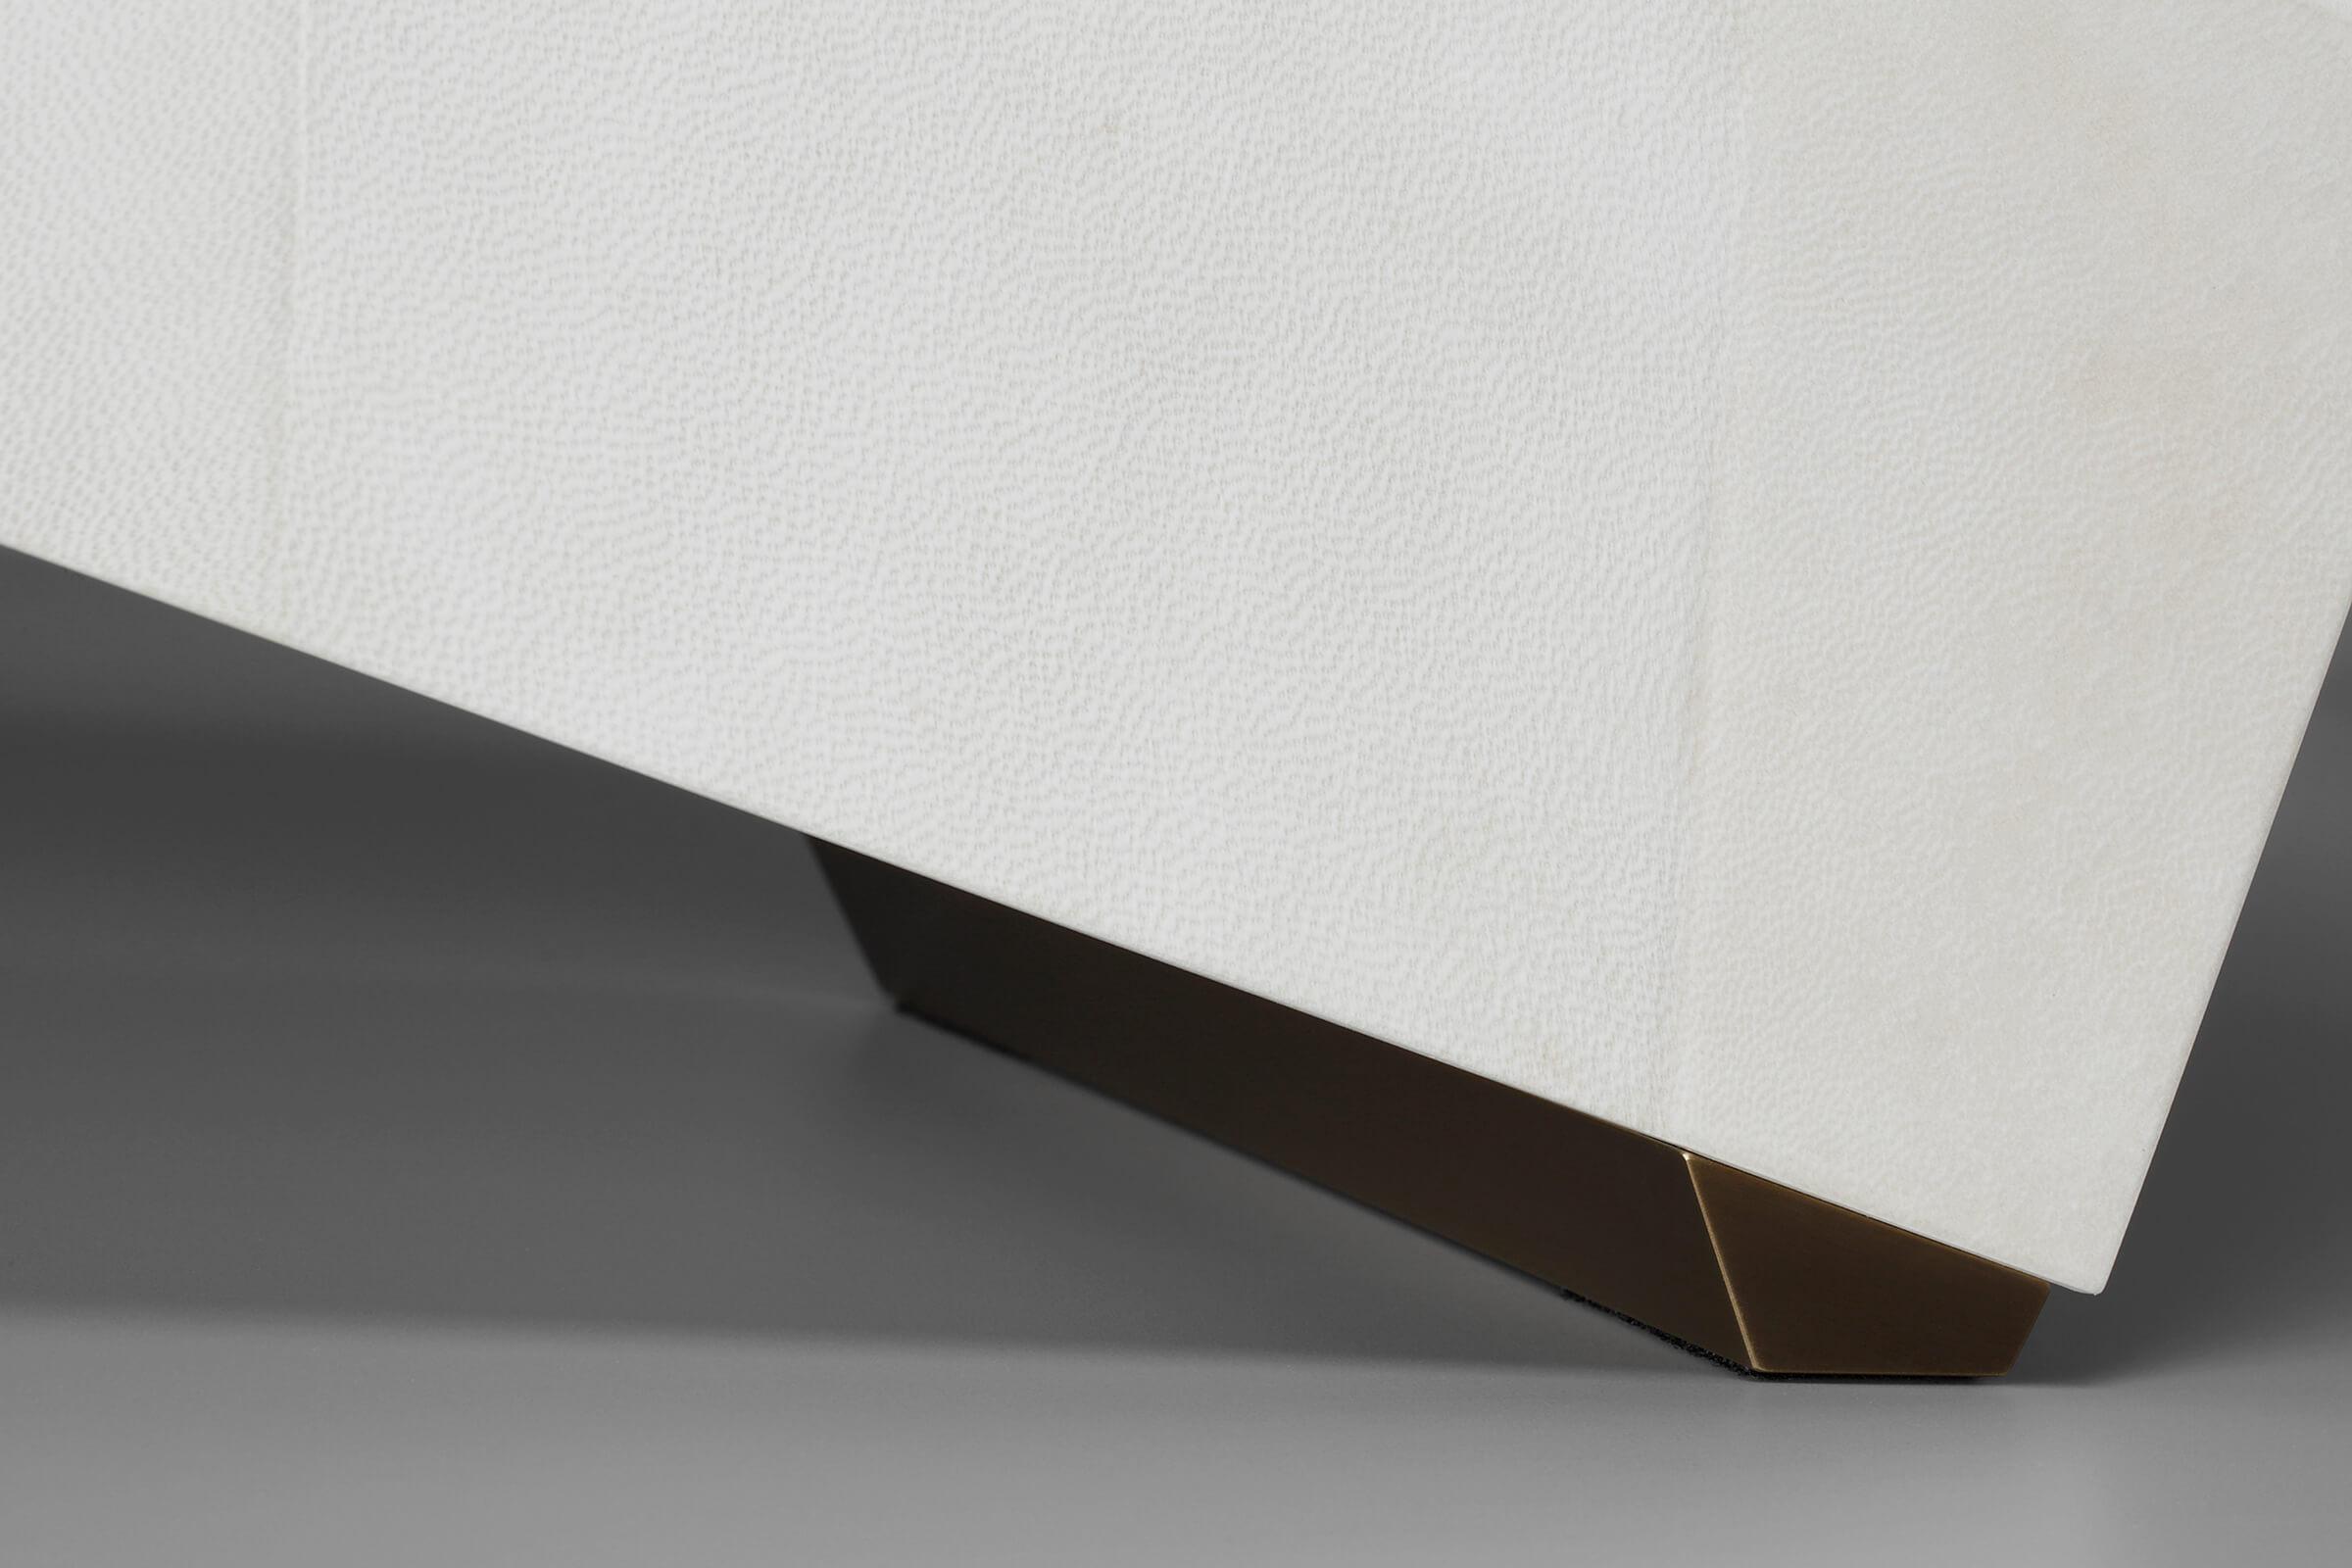 Goatskin Vellum Bench brass foot detail